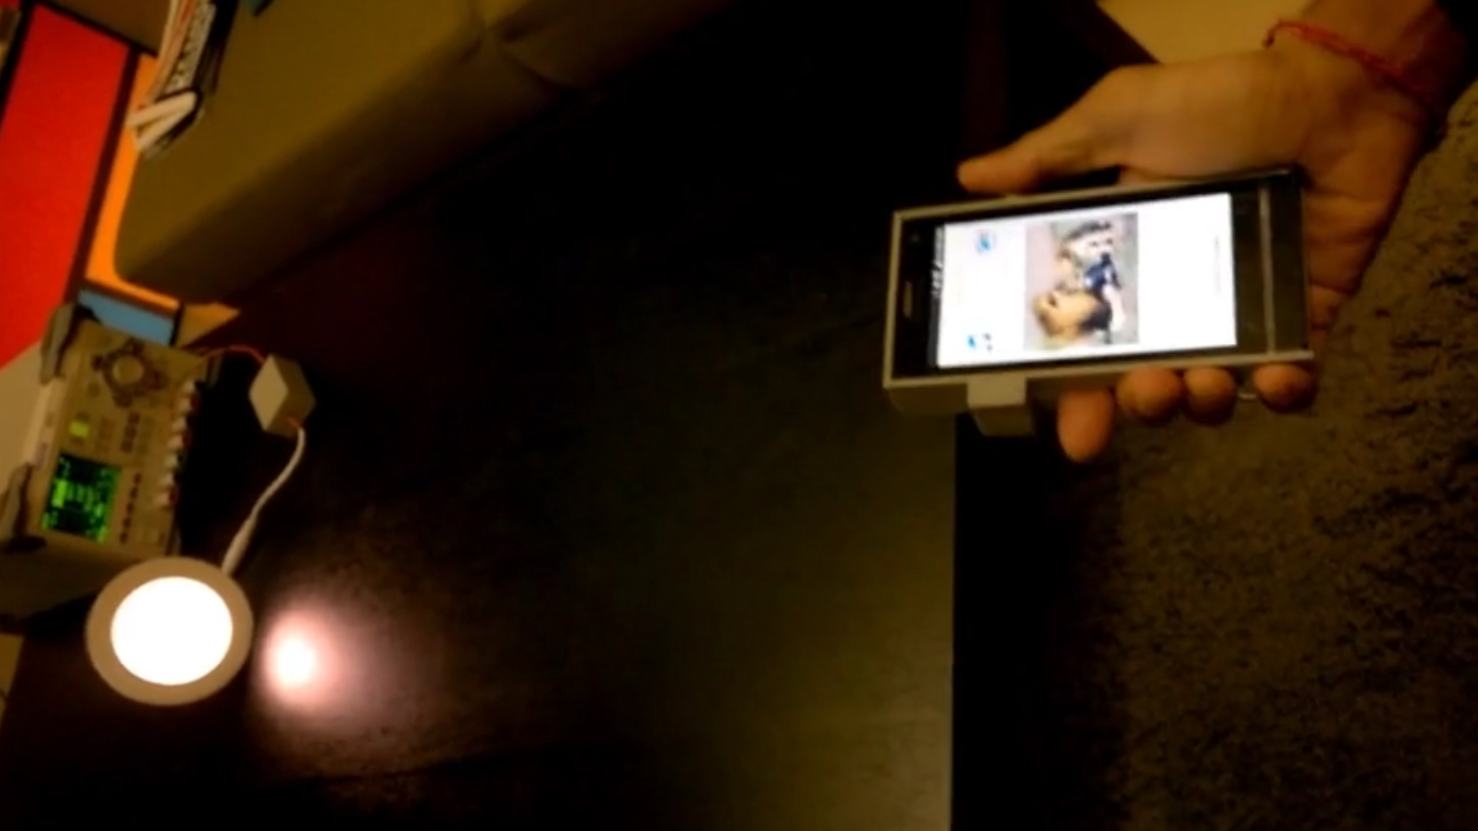 Lynrask dataoverføring med LED-lamper har kommet nærmere en realitet